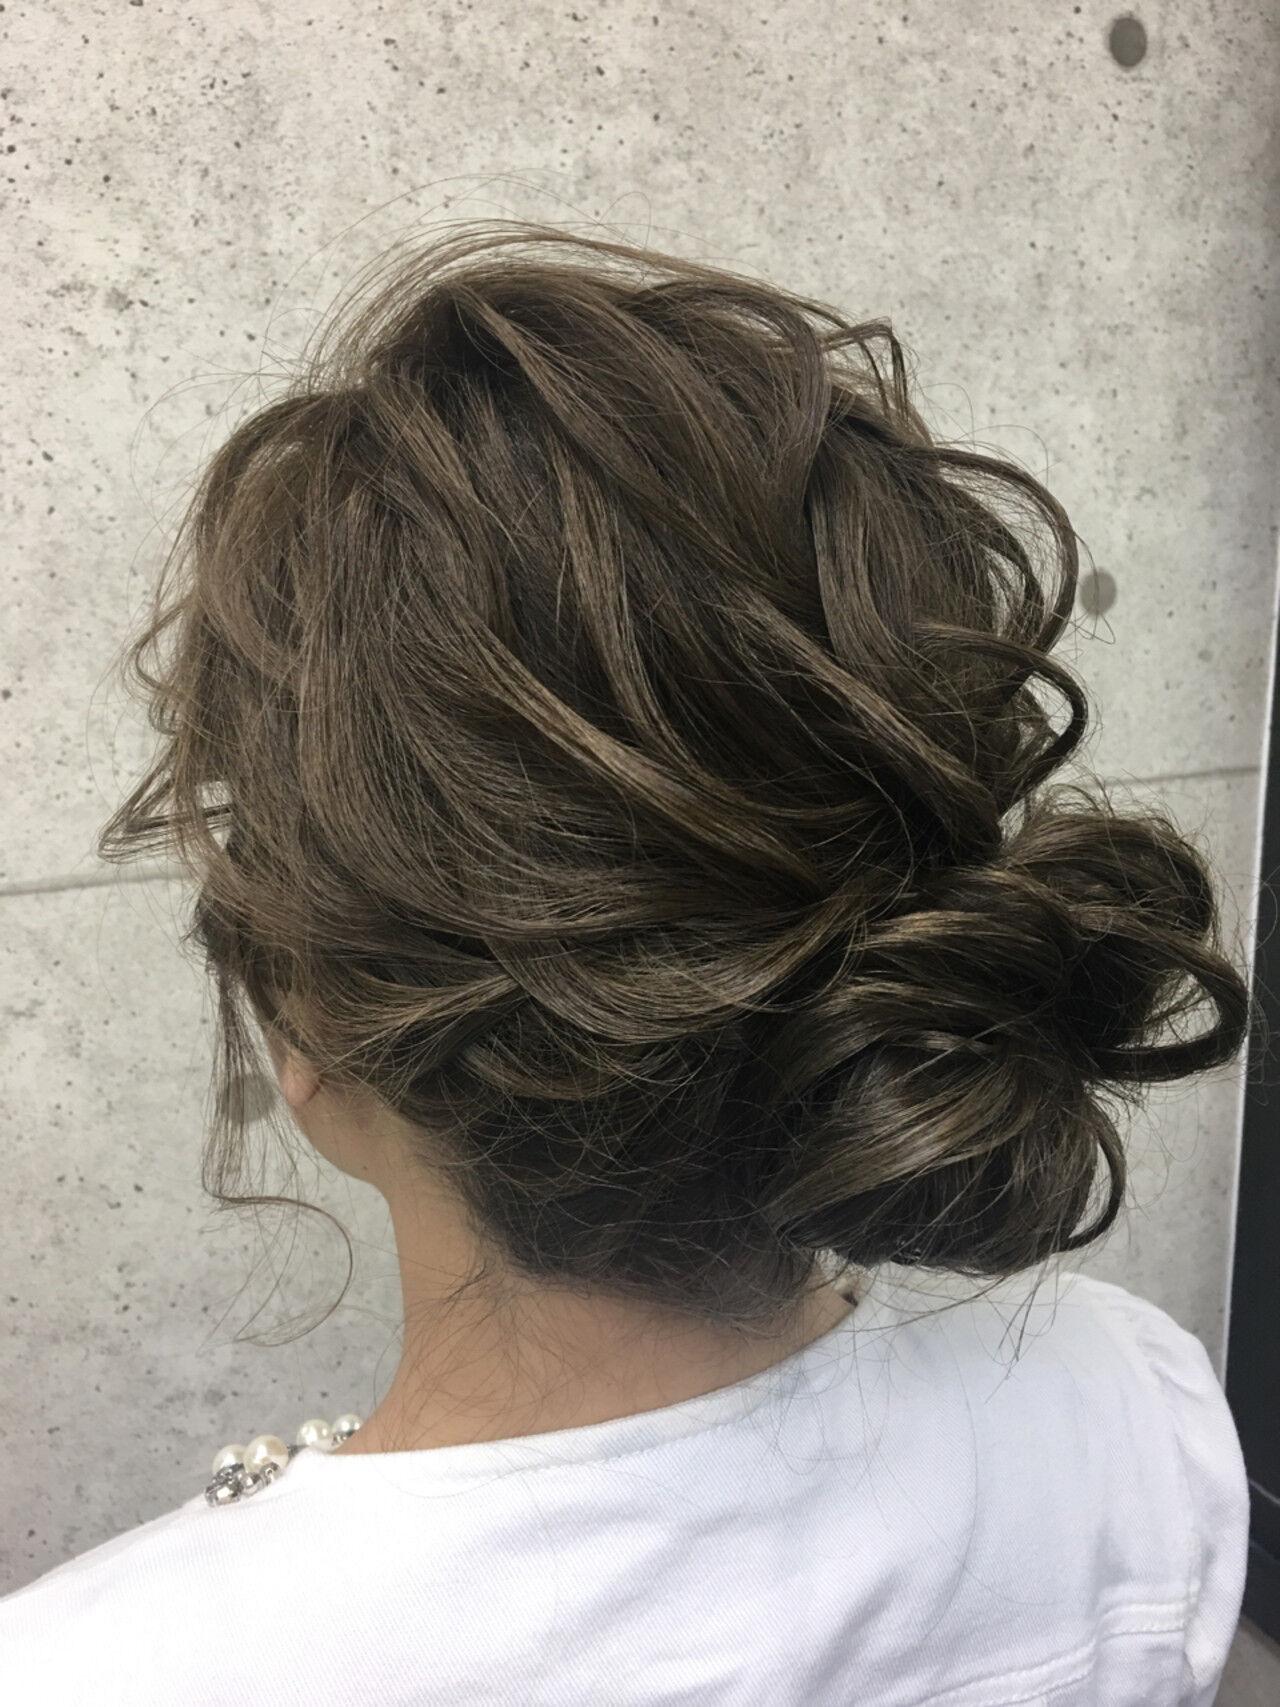 パーティ 成人式 エレガント アップスタイルヘアスタイルや髪型の写真・画像